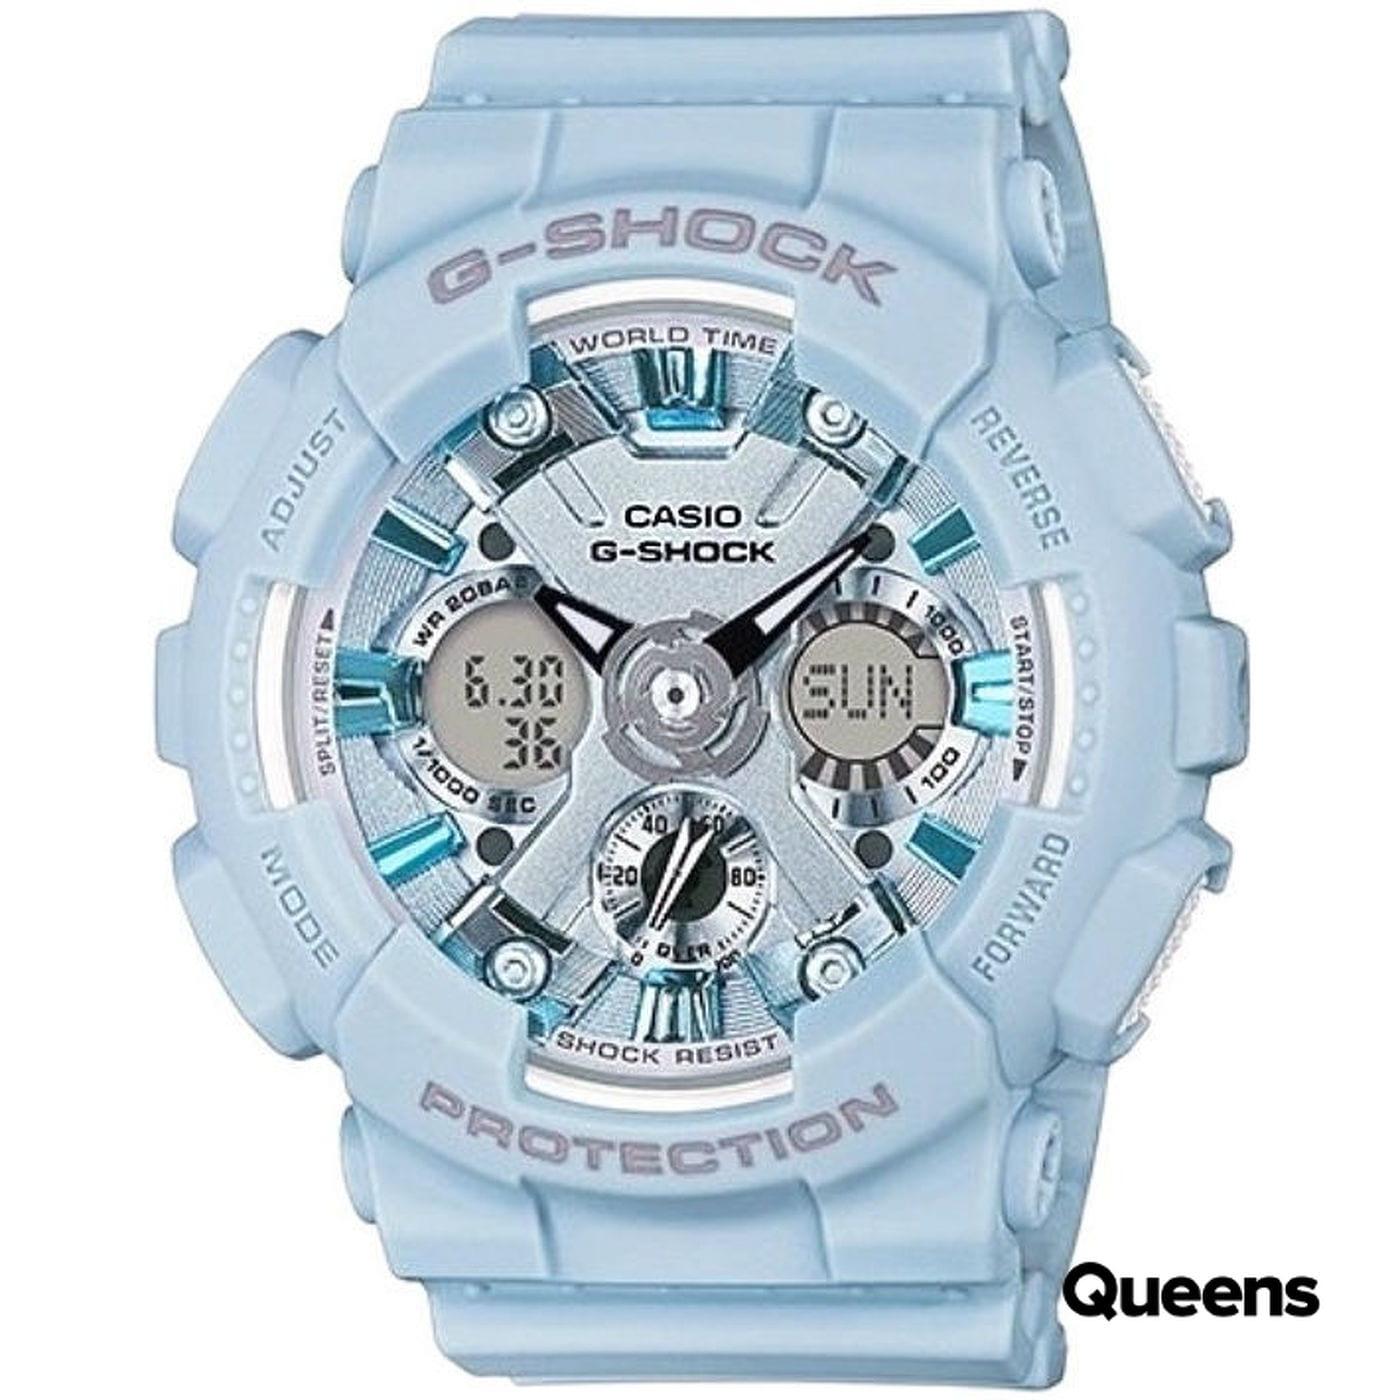 86a1a69a1 Hodinky Casio G-Shock GMA S120DP-2AER svetlomodré – Queens 💚